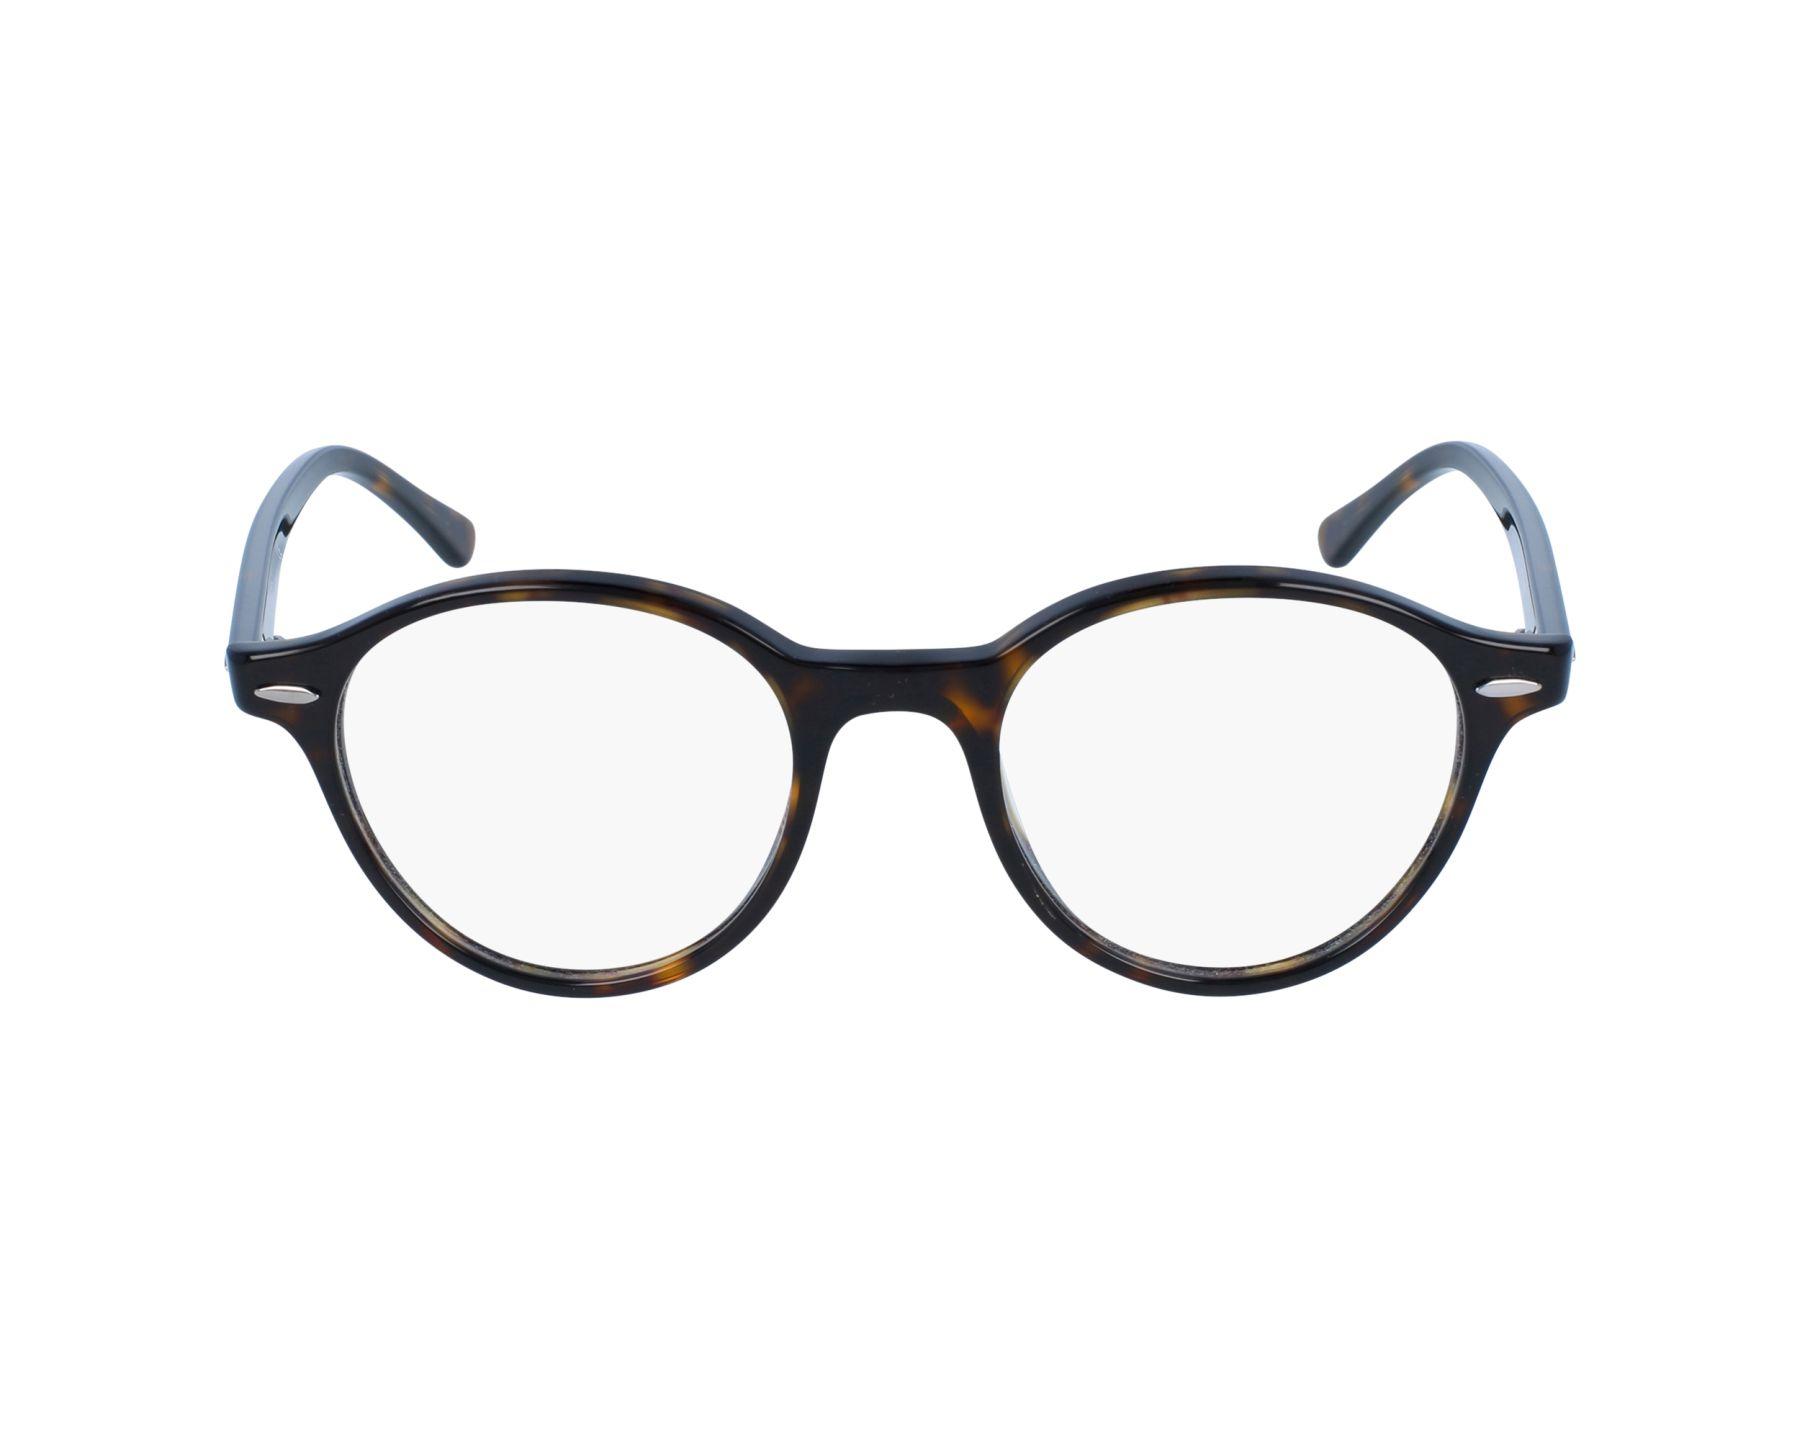 2cab07917bb eyeglasses Ray-Ban RX-7118 2012 48-19 Havana profile view